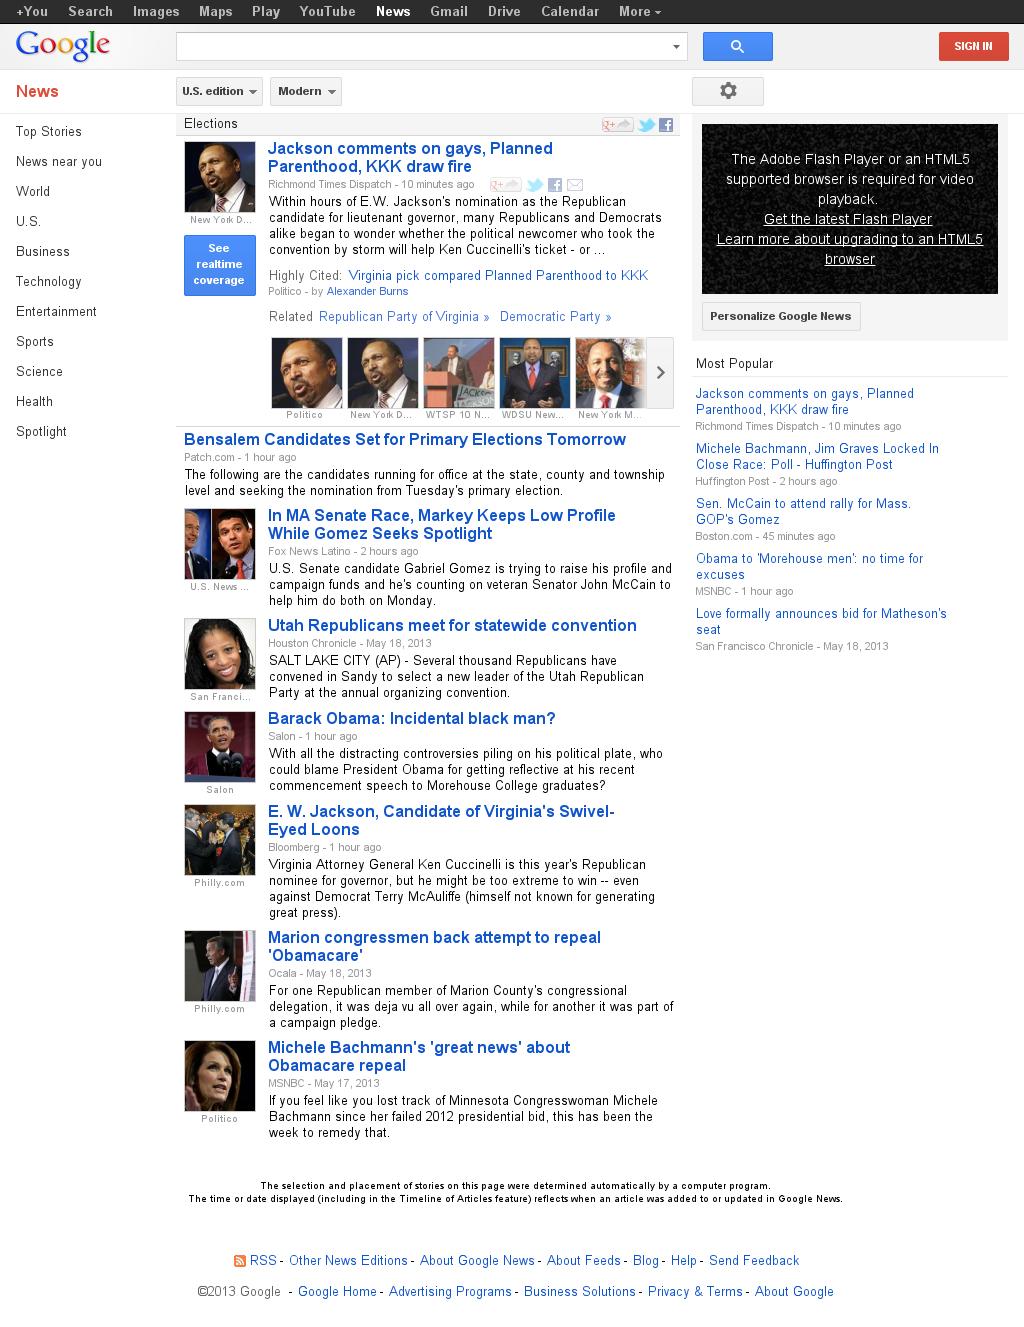 Google News: Elections at Monday May 20, 2013, 6:07 p.m. UTC